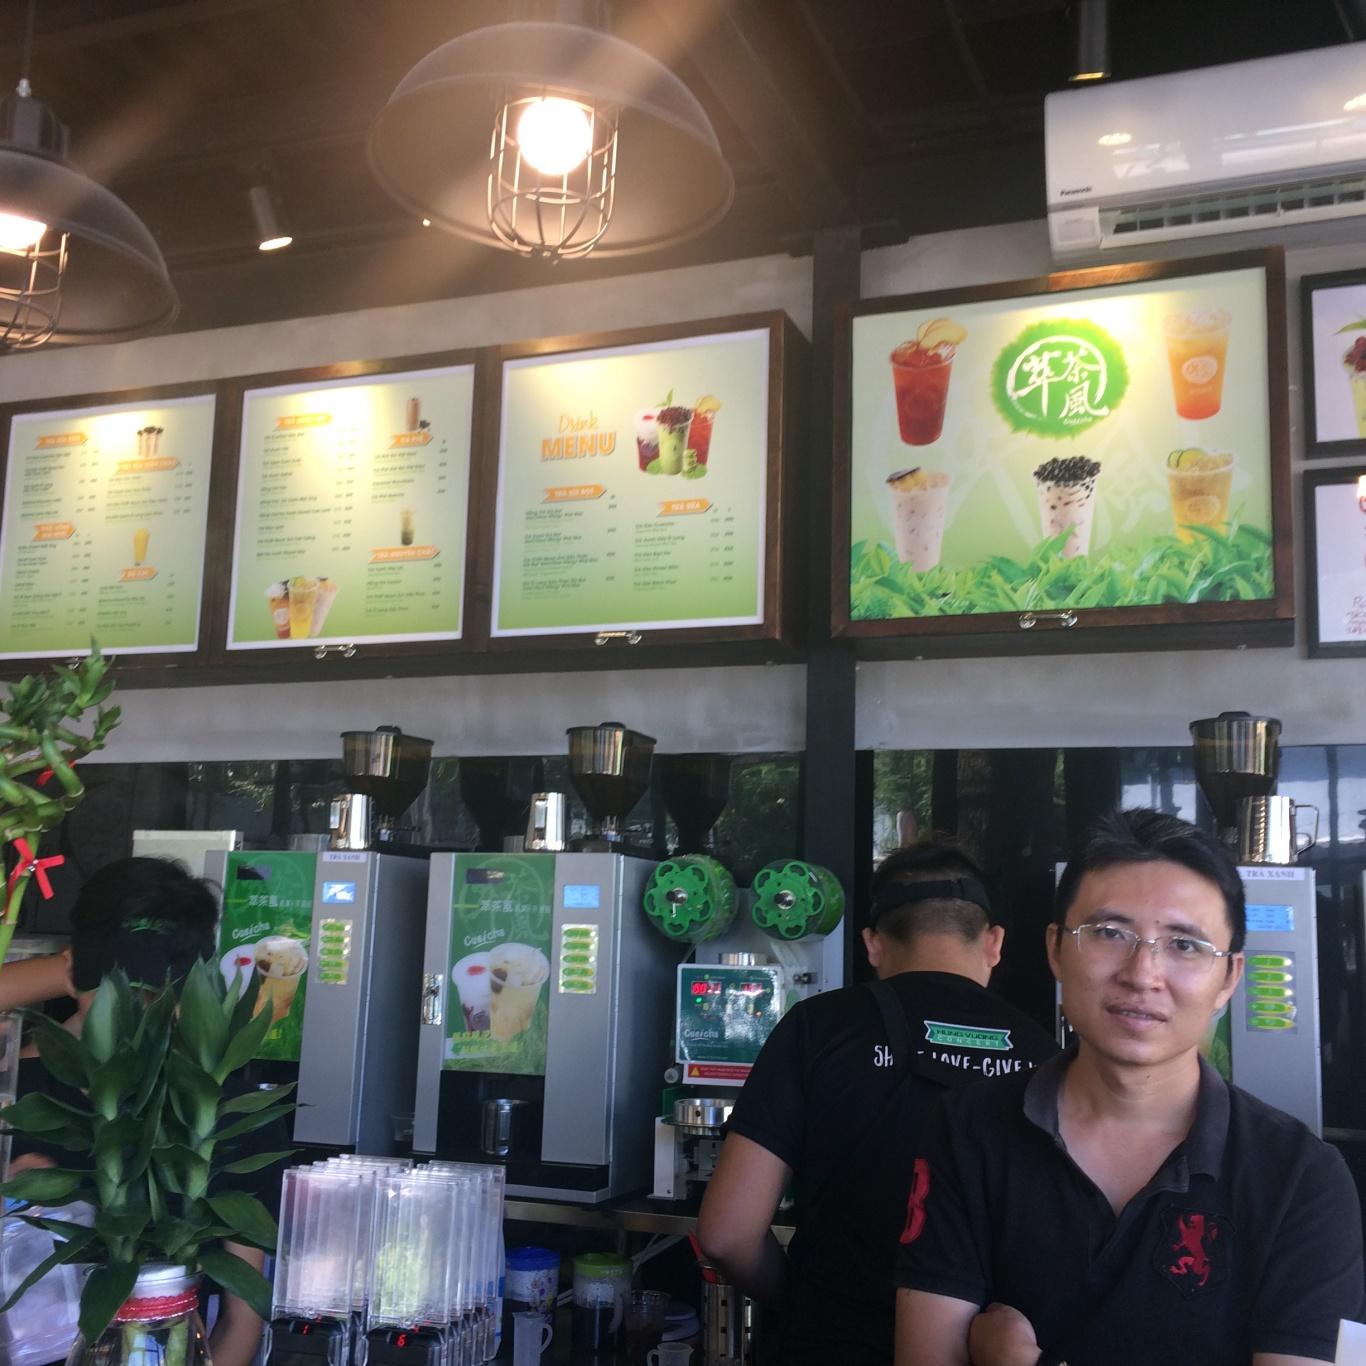 nhận viên phục vụ tại quán trà sữa Cueichi Bình Dương